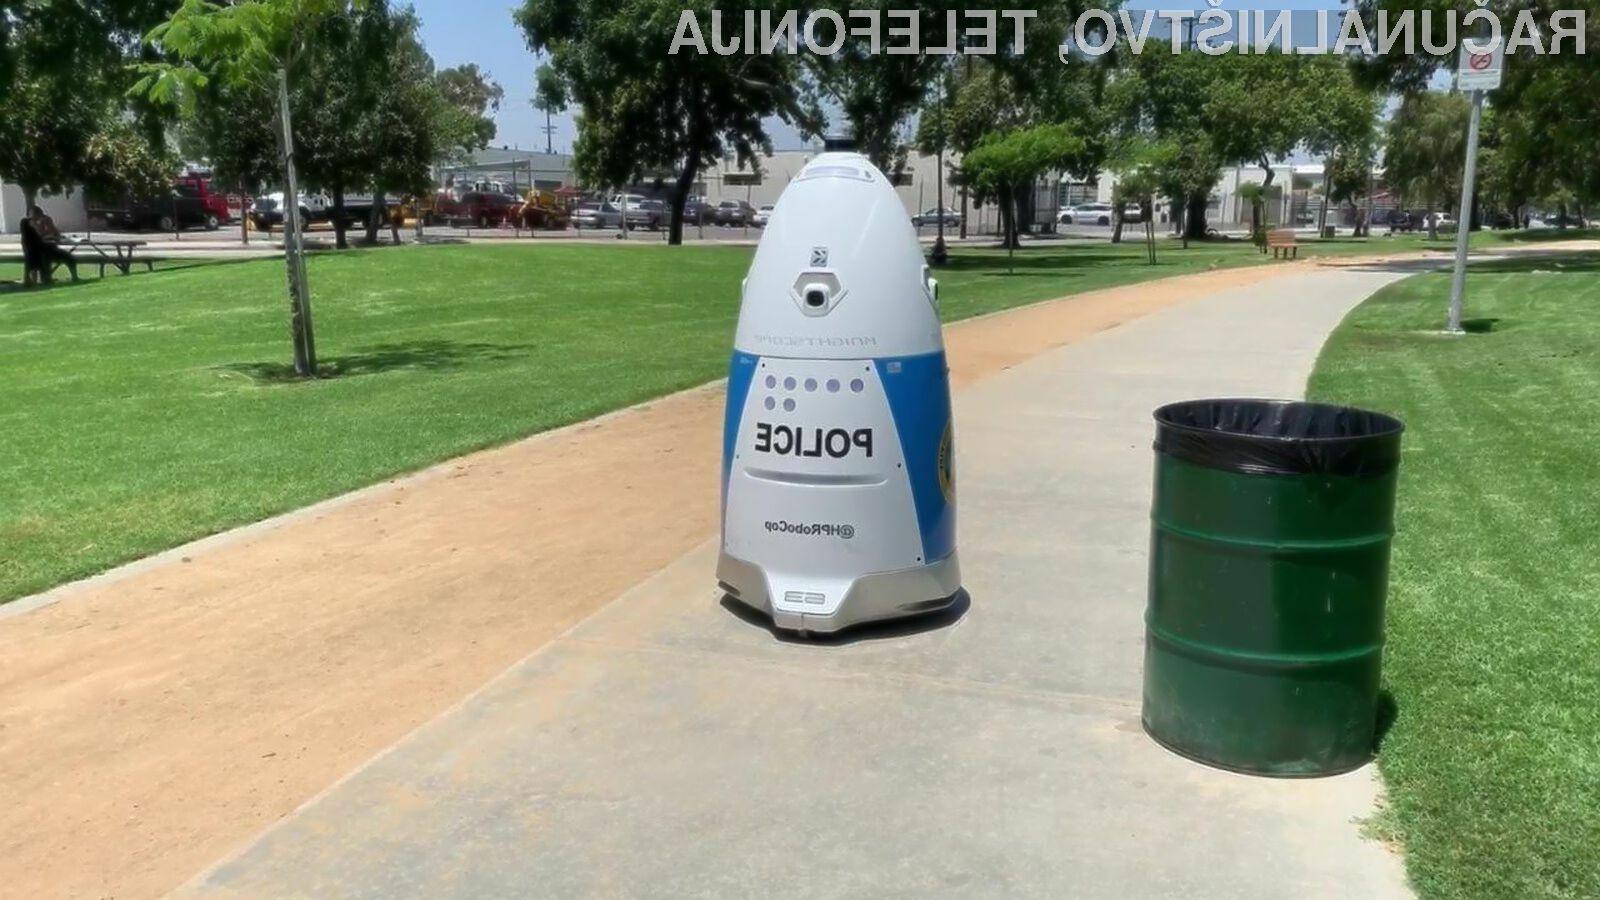 Robot policist je naletel na veliko zanimanje s strani javnosti.